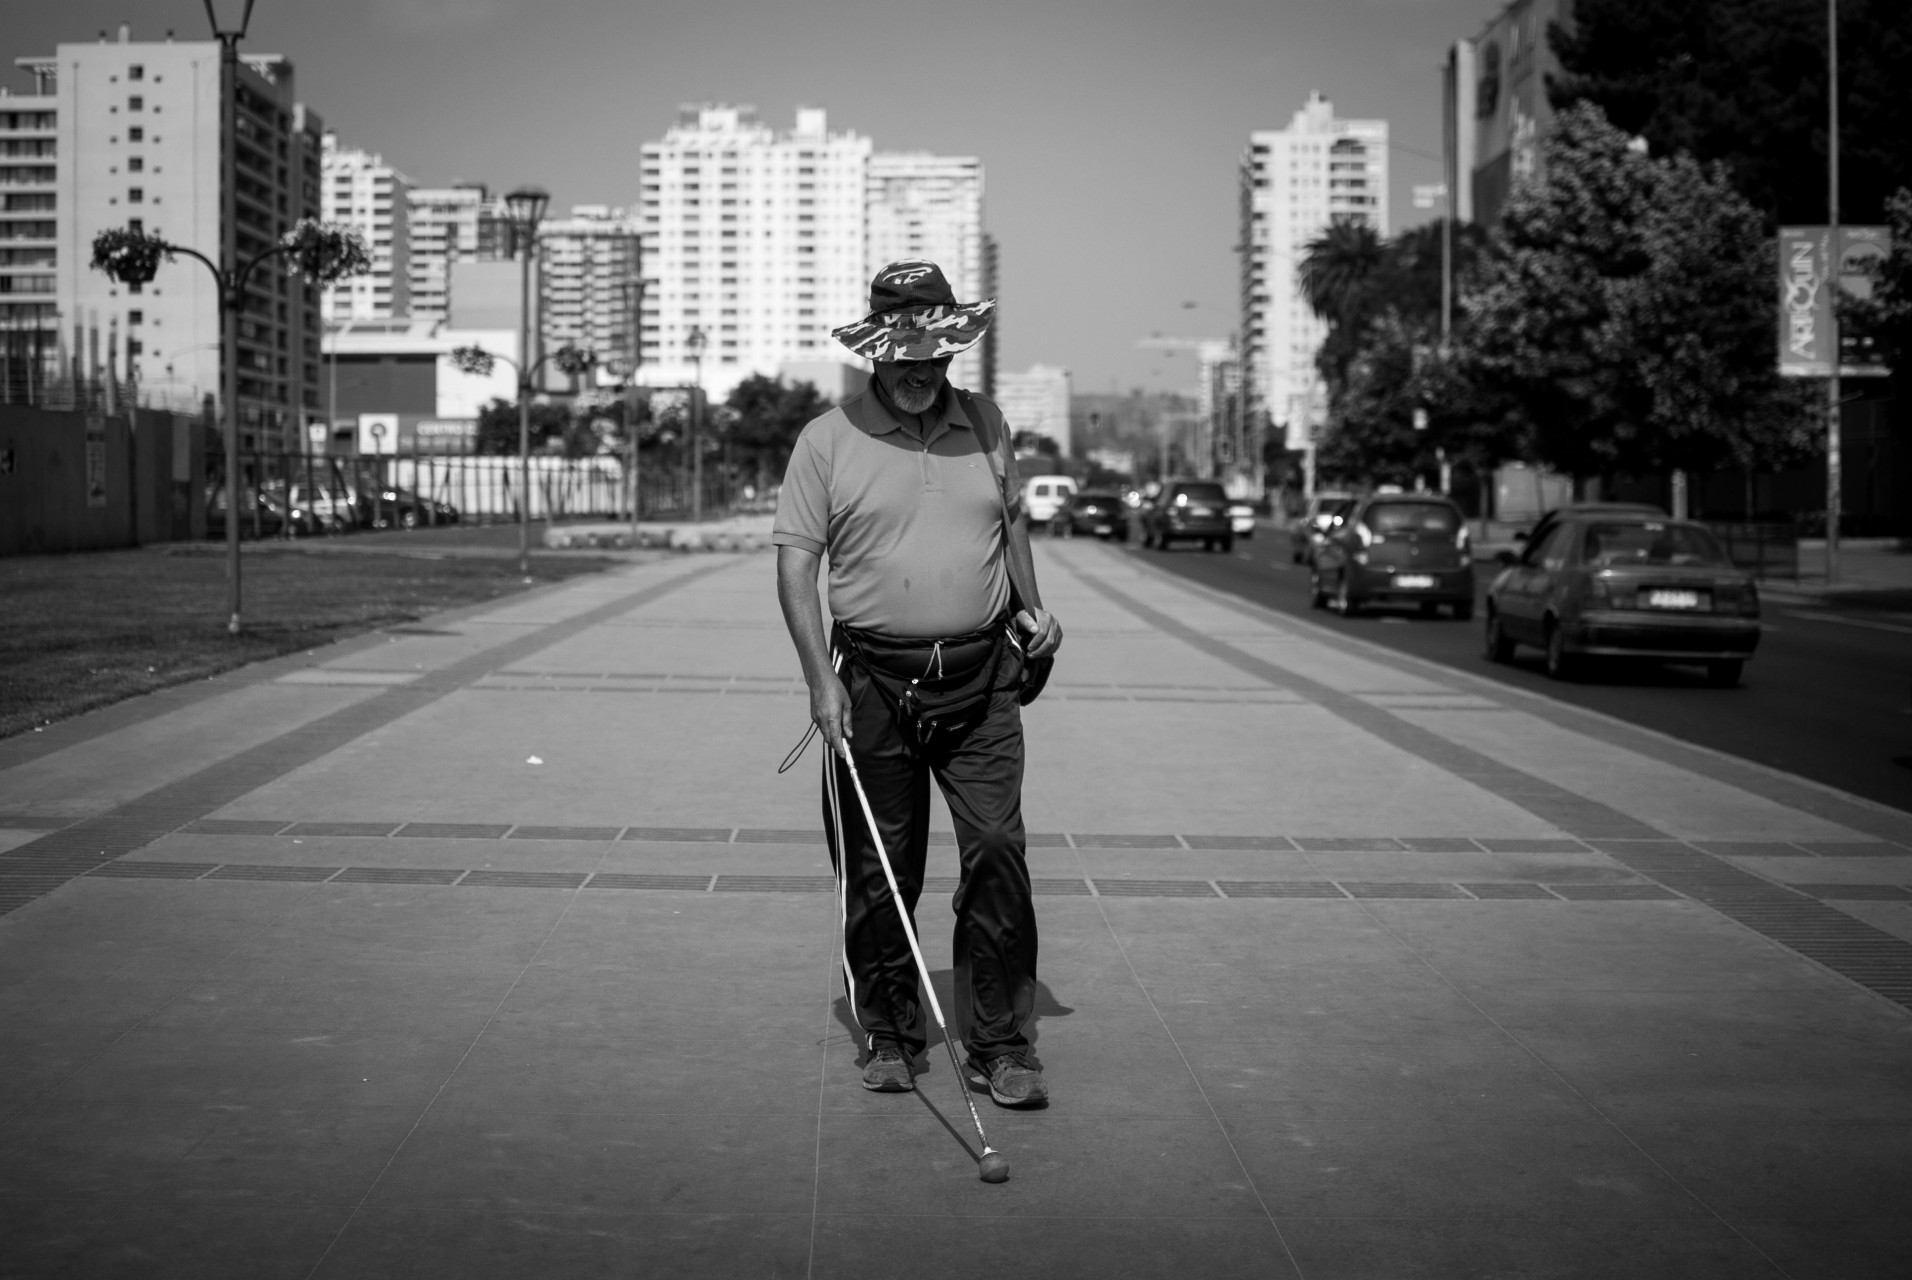 Las cifras oficiales indican que en Chile existen 300 mil personas con discapacidad visual. Una realidad que no siempre es considerada.